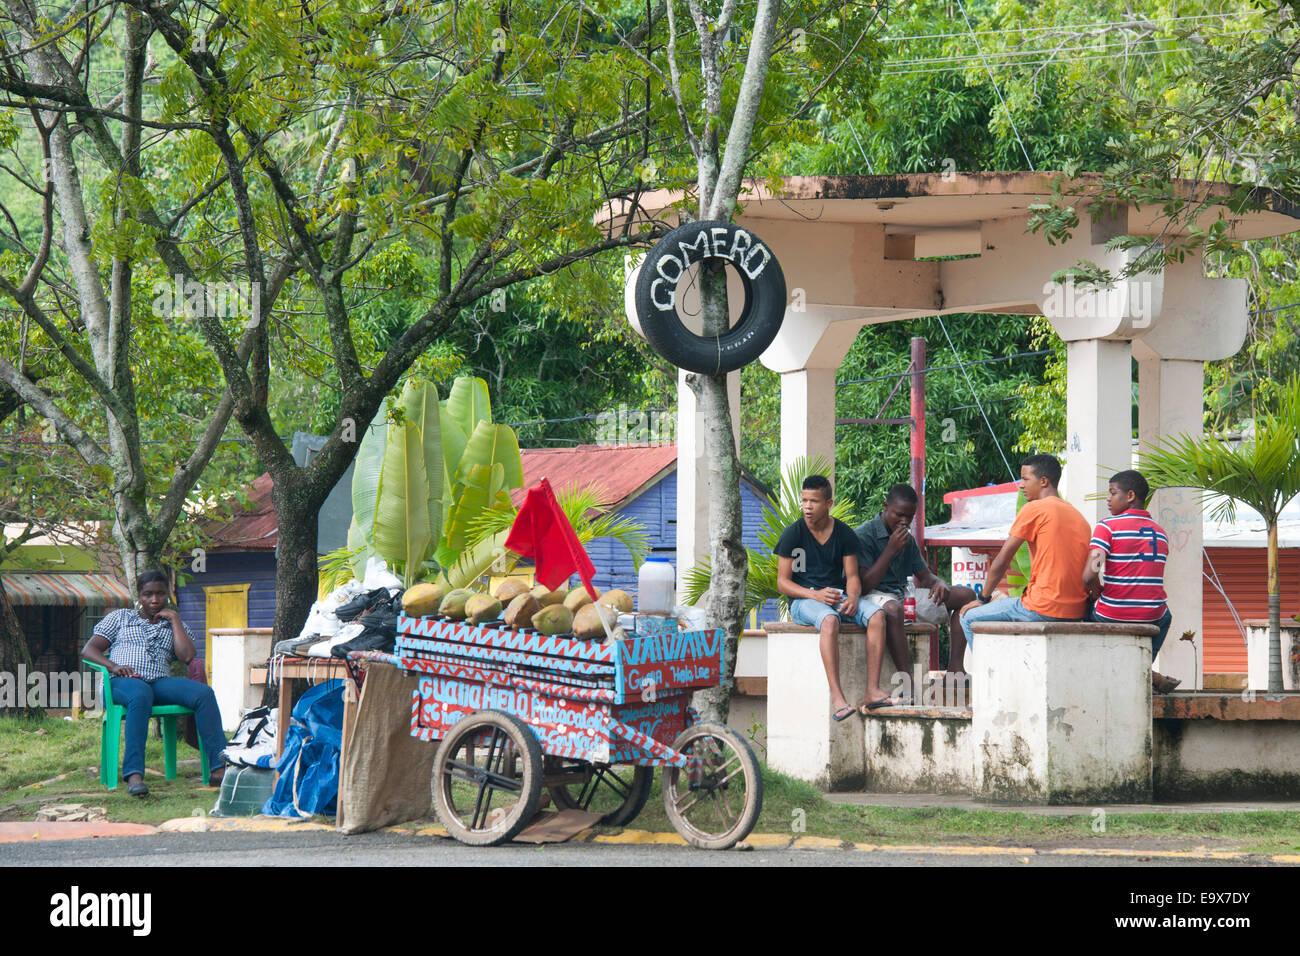 Dominikanische Republik, Osten, Kokosnussverkäufer an der Strassenkreuzung 103 / 104 nördlich von Otra - Stock Image